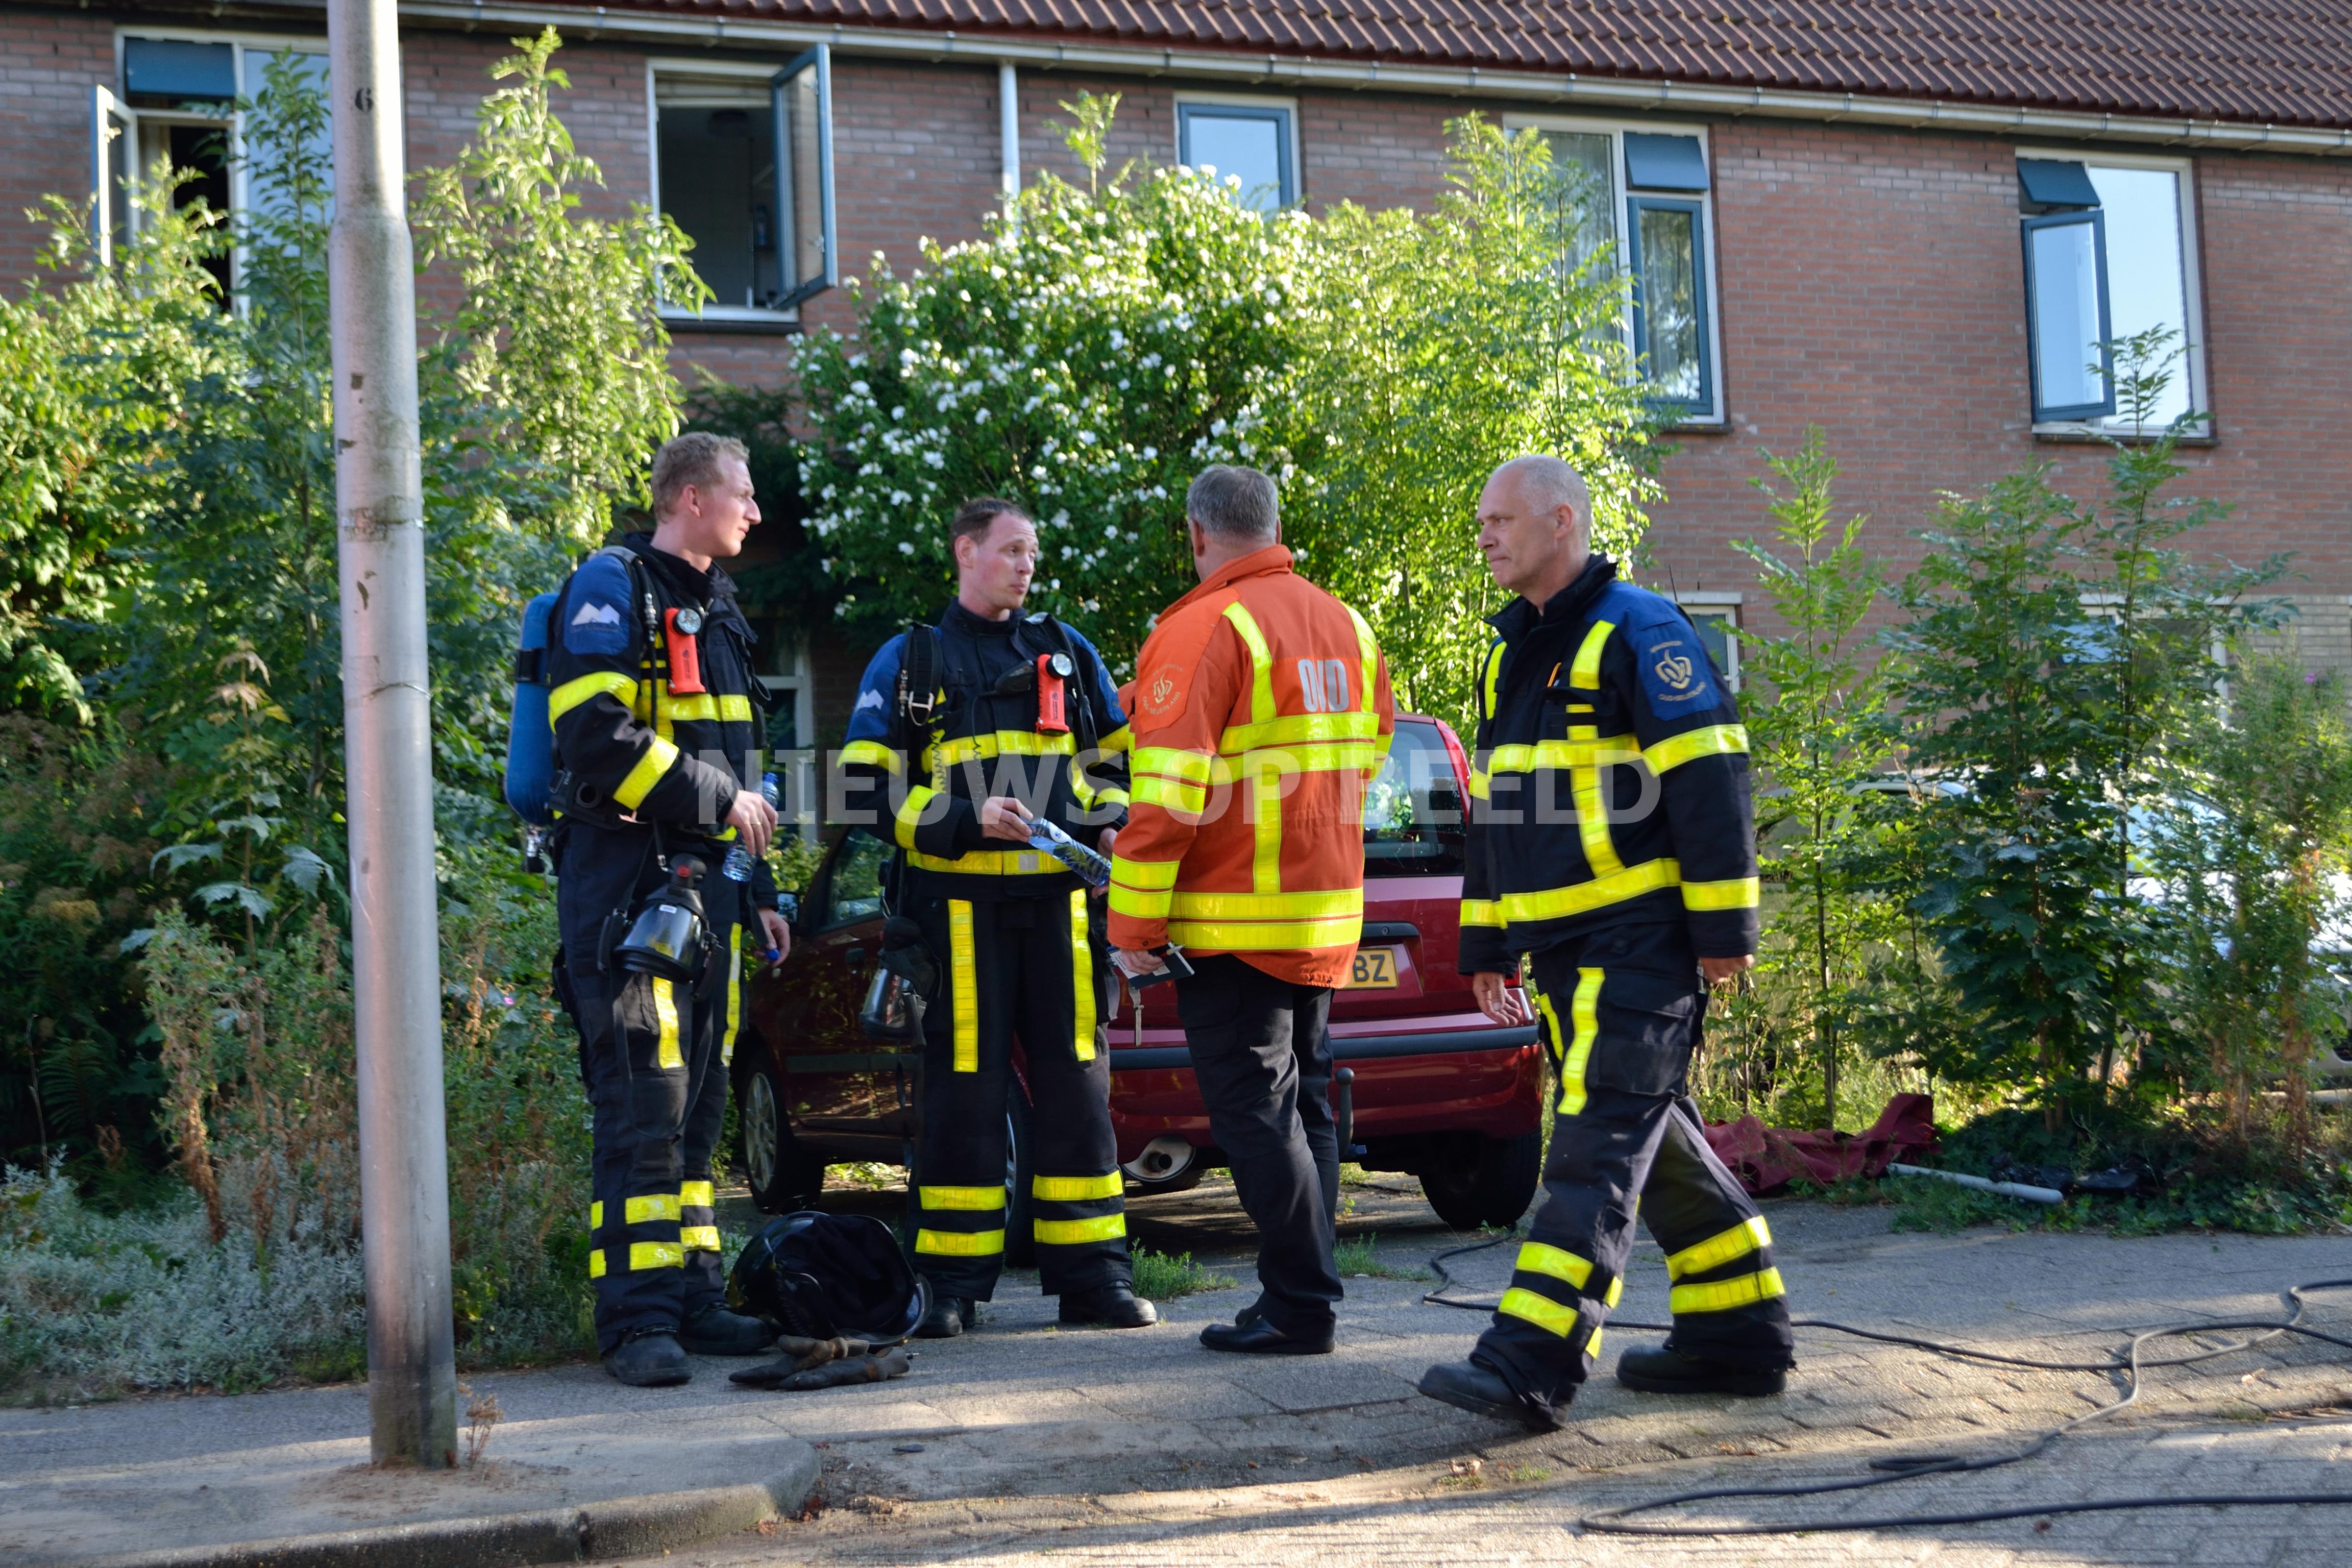 Printer veroorzaakt brand in woning Scholekster Oud-Beijerland